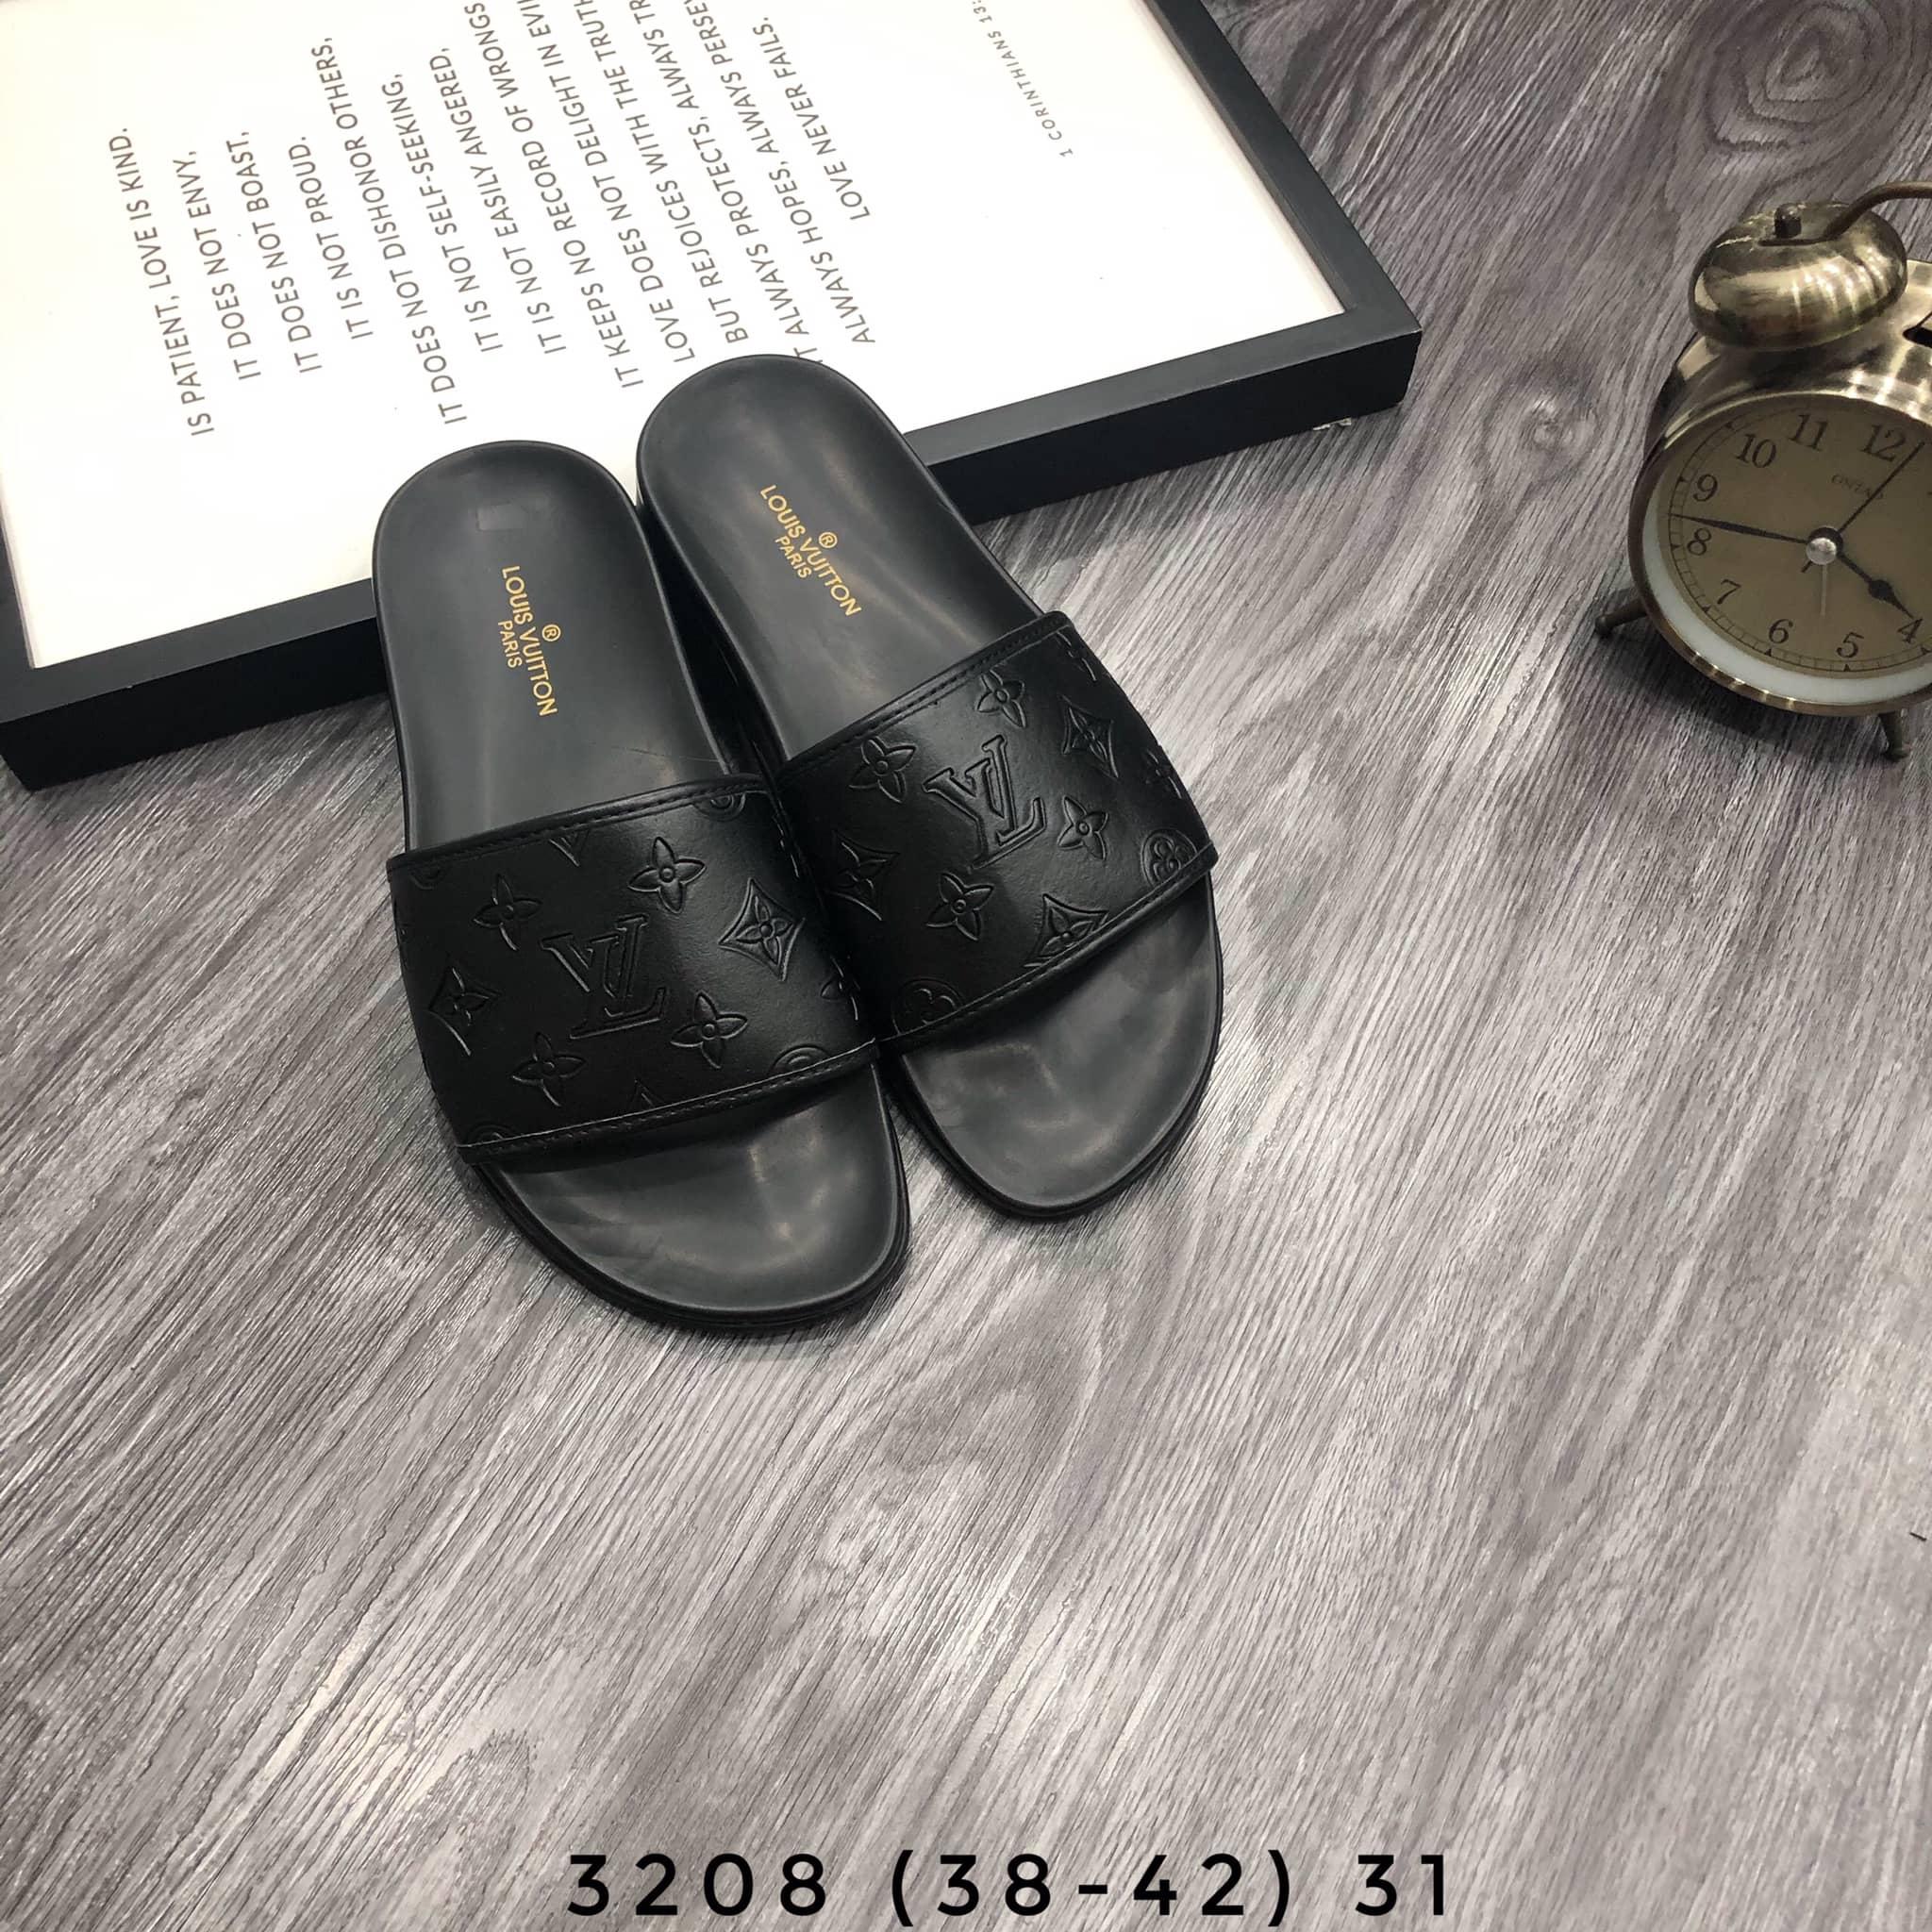 DÉP 3208 (38-42)